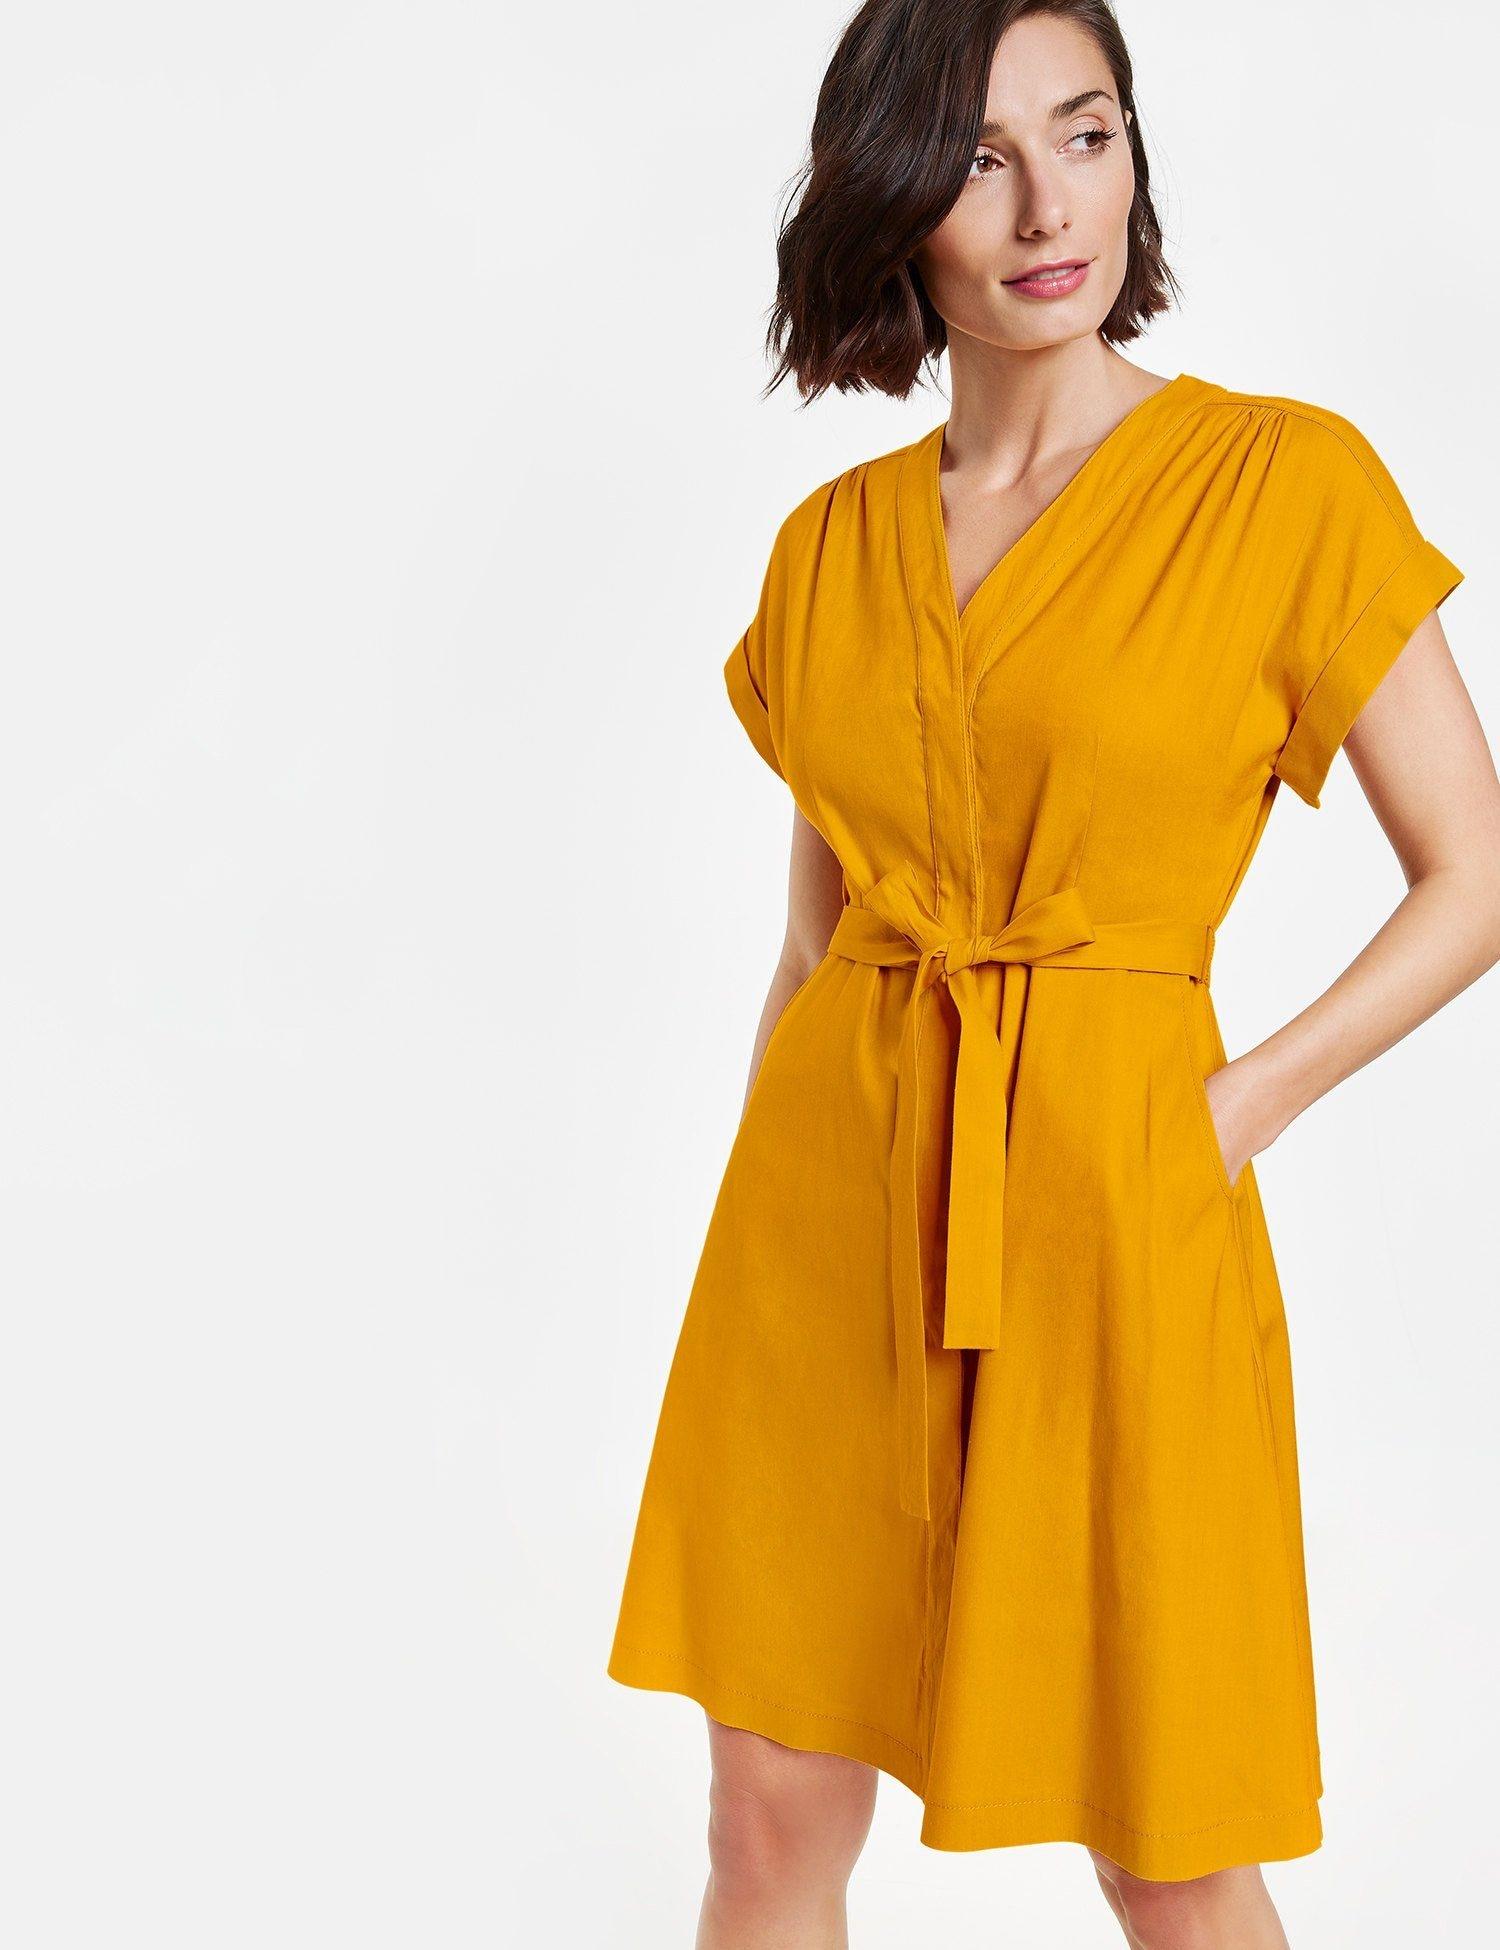 Taifun Kleid Langarm Kurz Sommerkleid Aus Leinen Mix Zu Top Preisen Otto